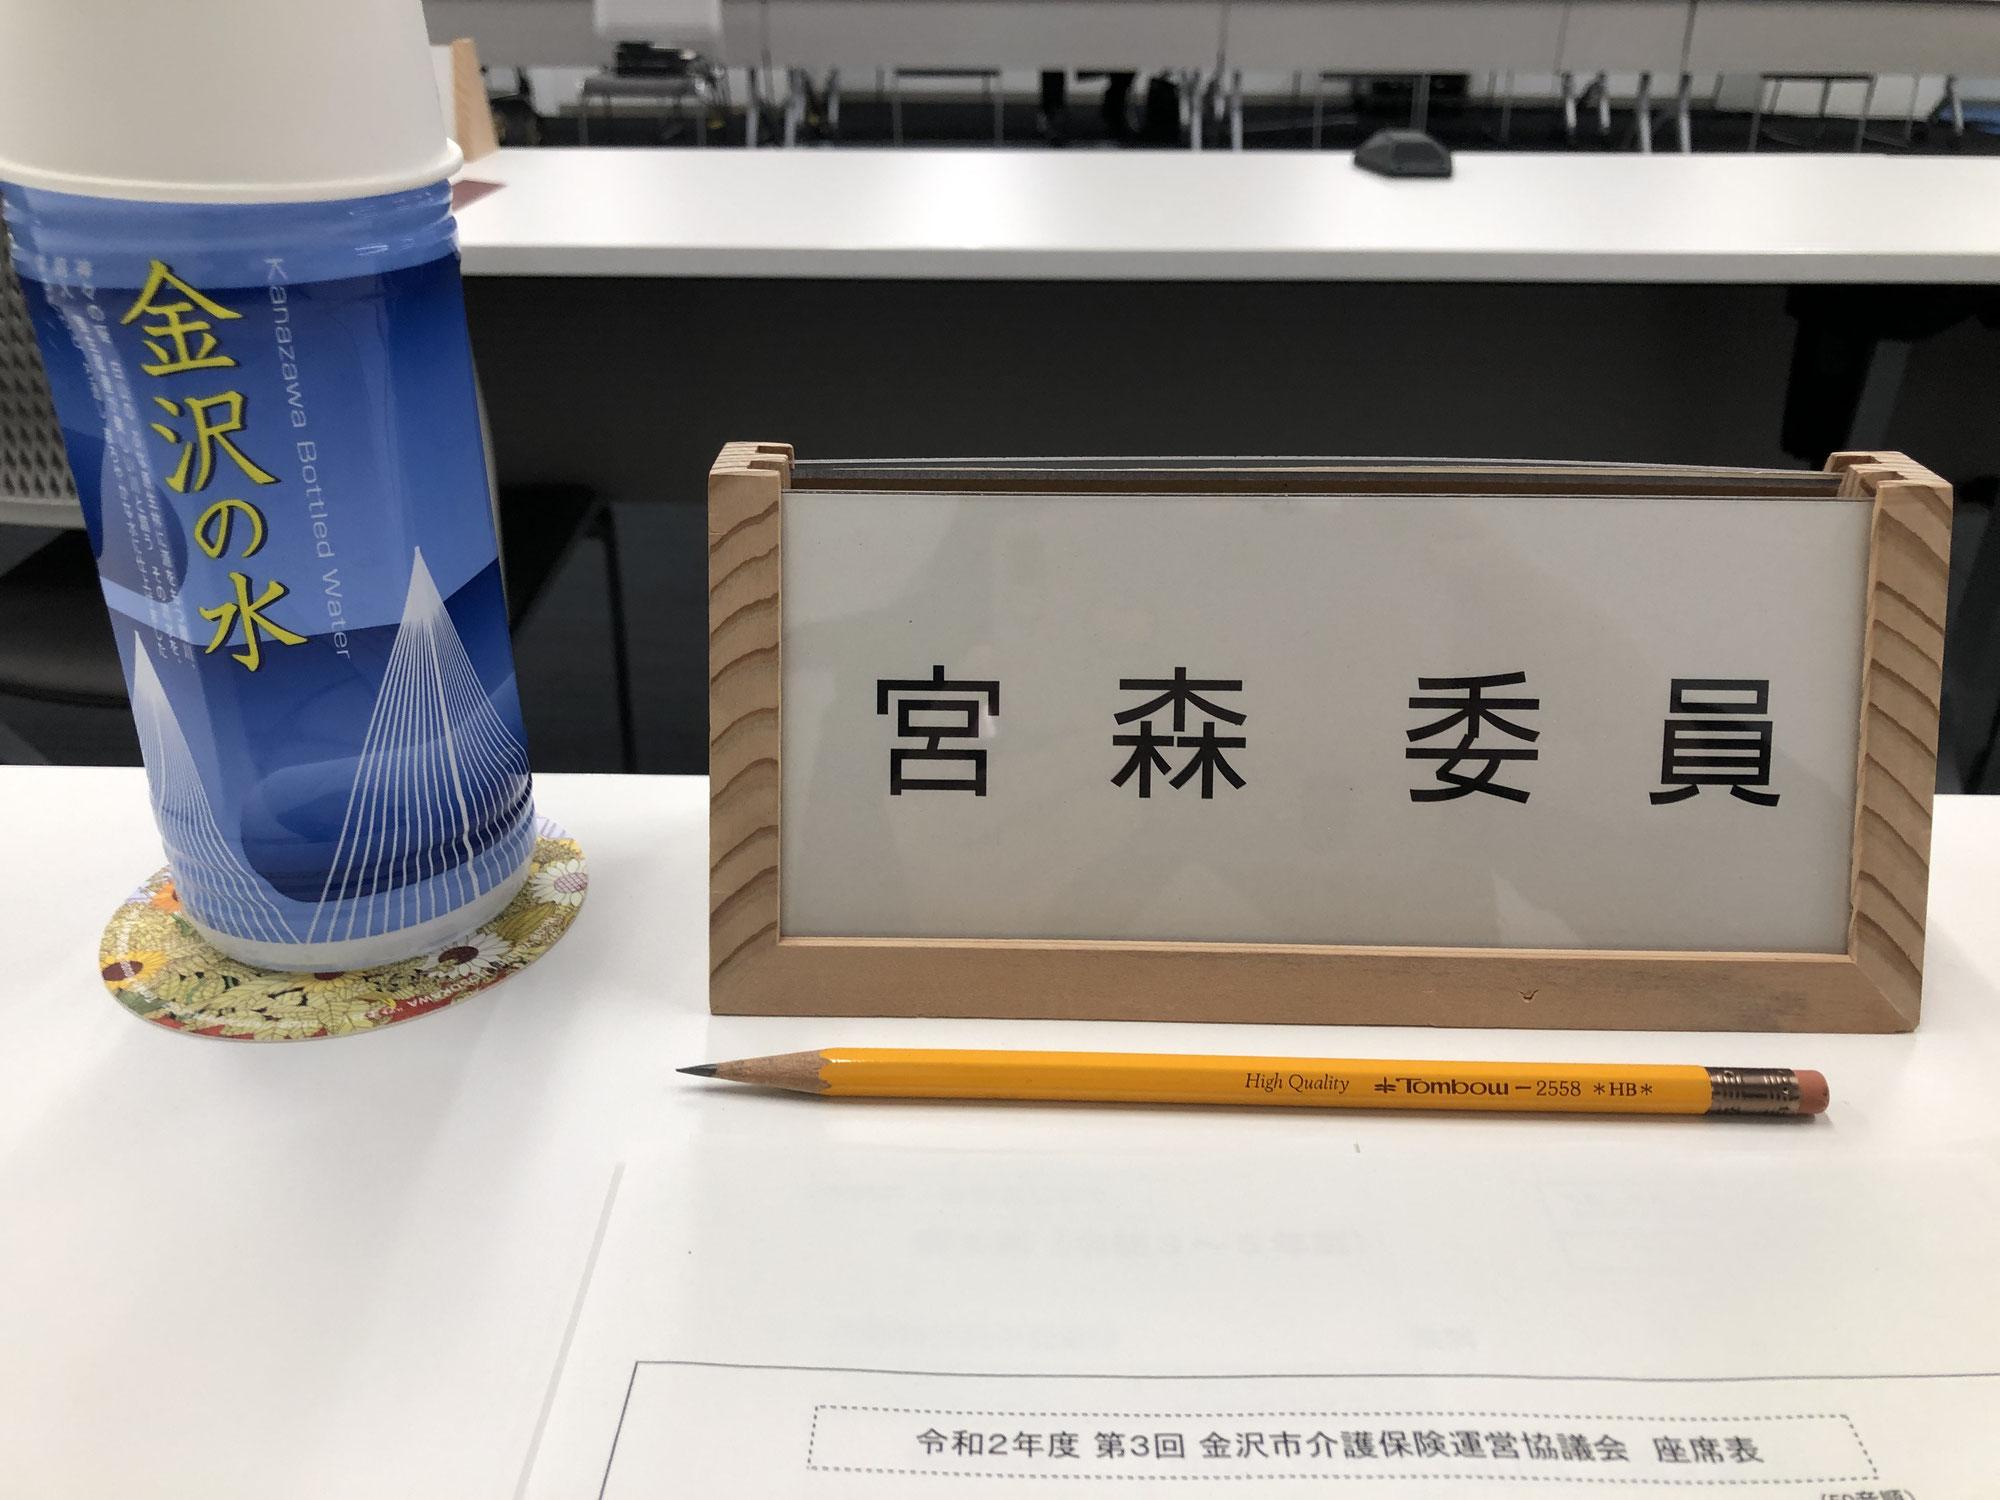 金沢市介護保険運営協議会